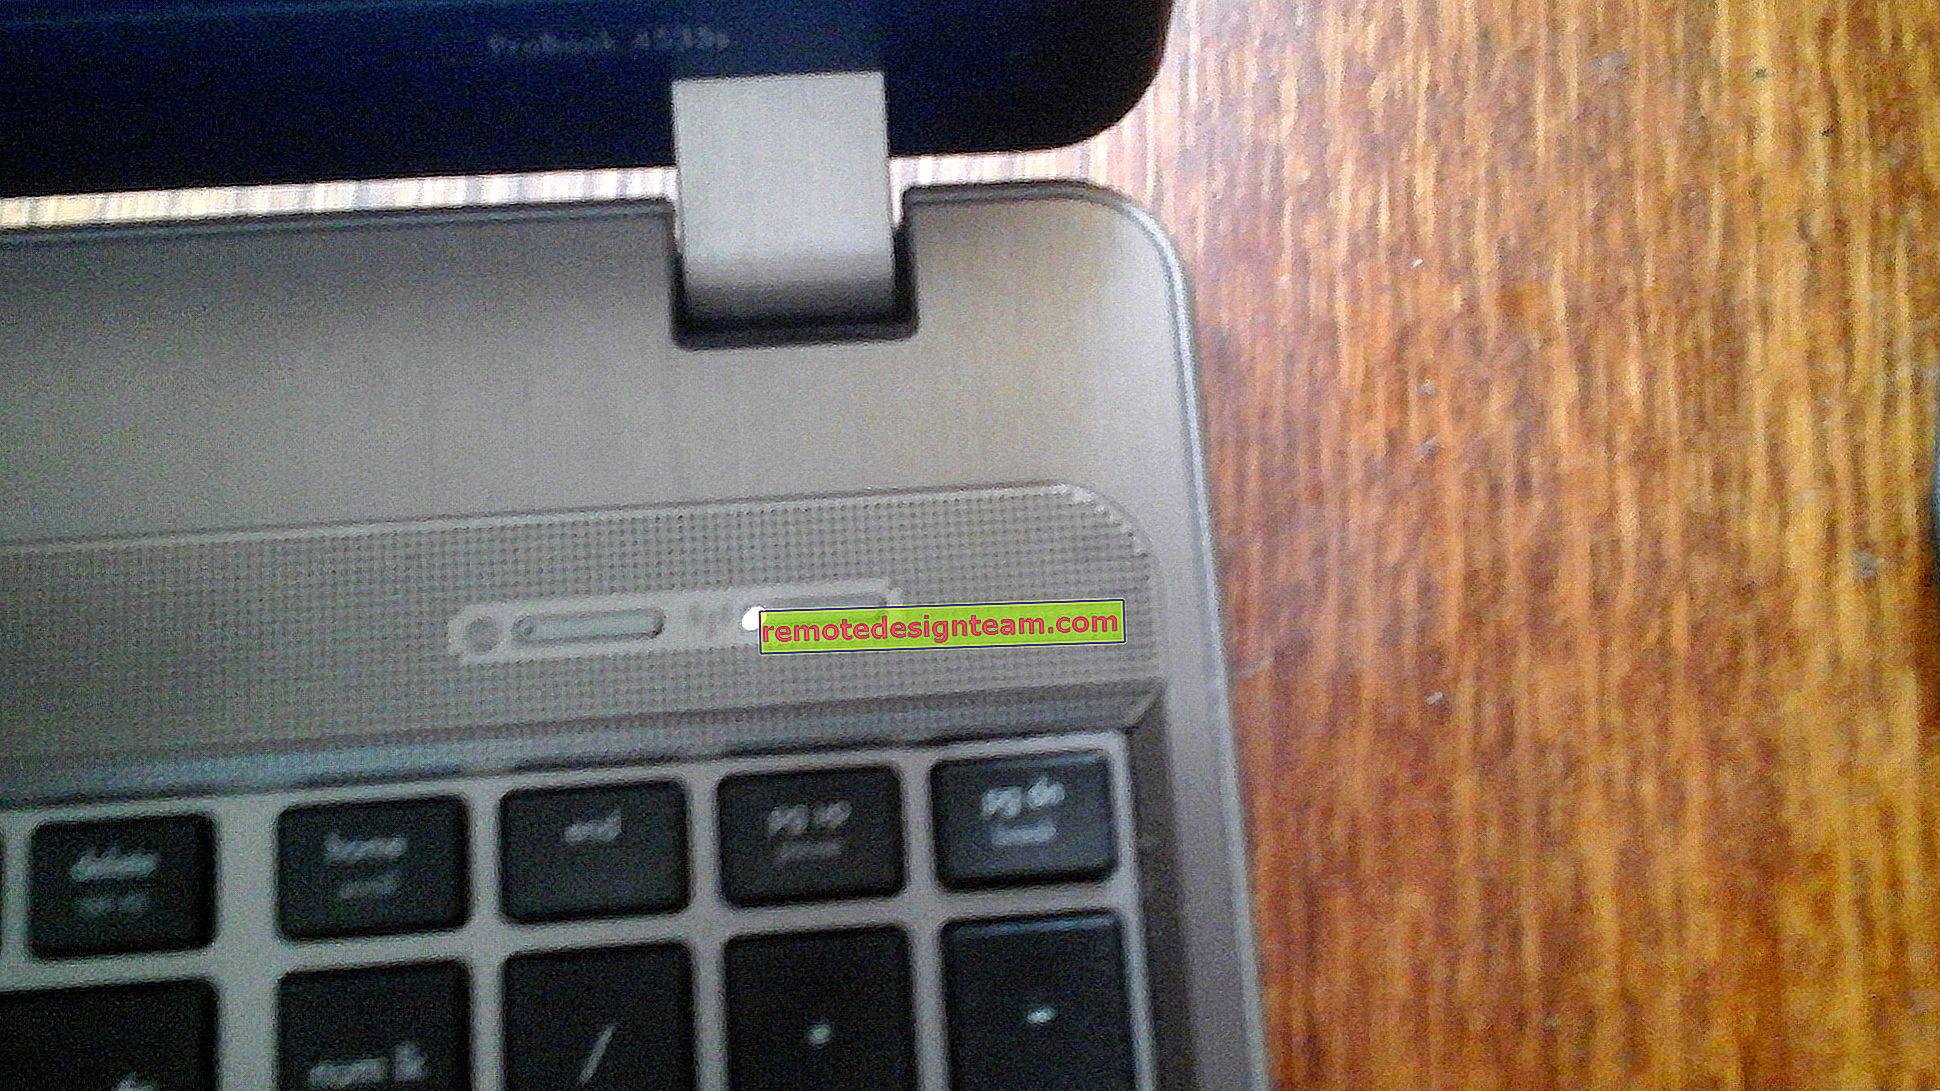 Kablosuz - Windows 10'da devre dışı bırakıldı. Wi-Fi açılmıyor